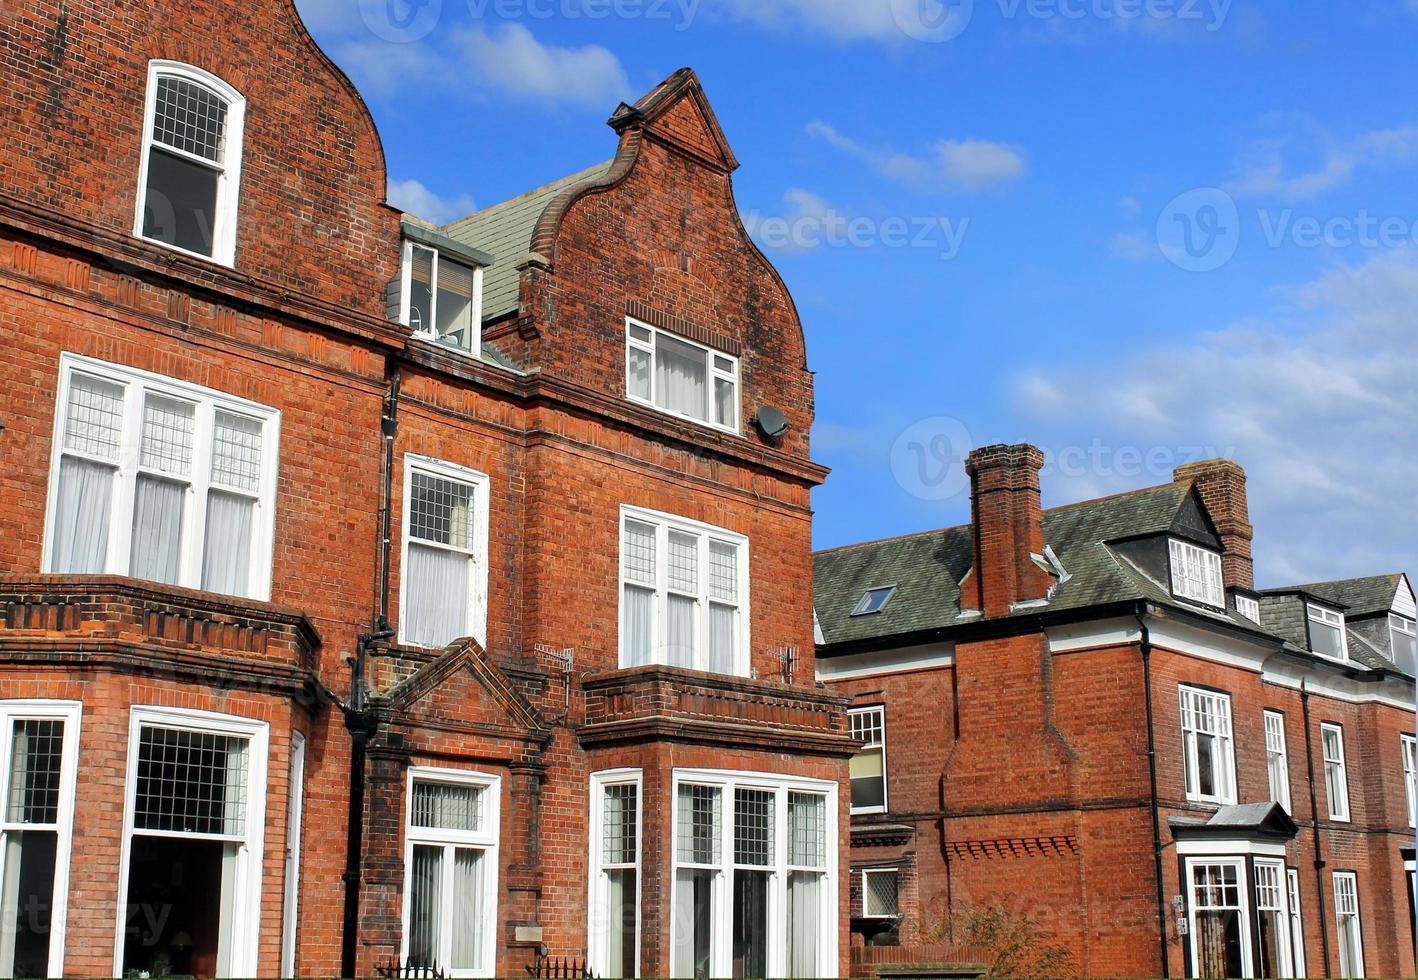 rij van rode bakstenen huizen in de straat foto